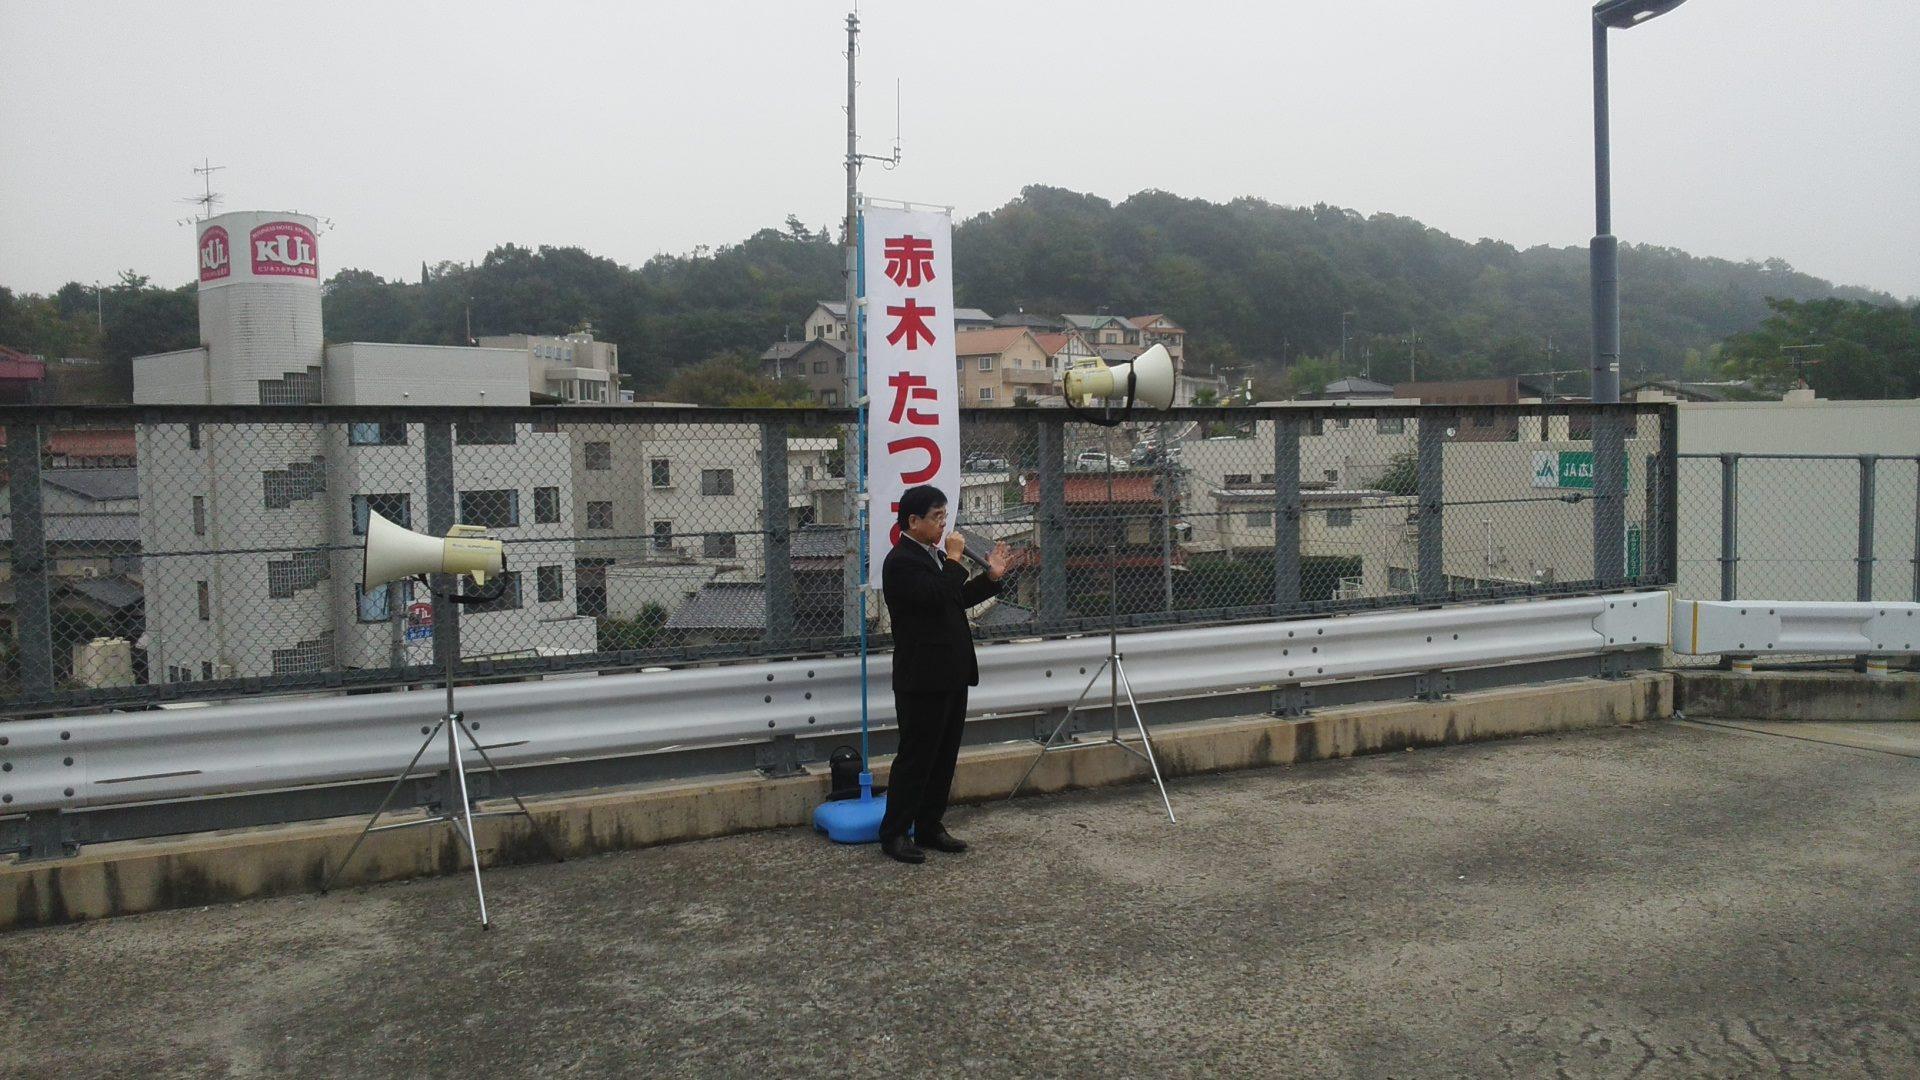 東広島市議会議員・赤木たつおさん、八本松駅前で頑張ります!_e0094315_07272662.jpg